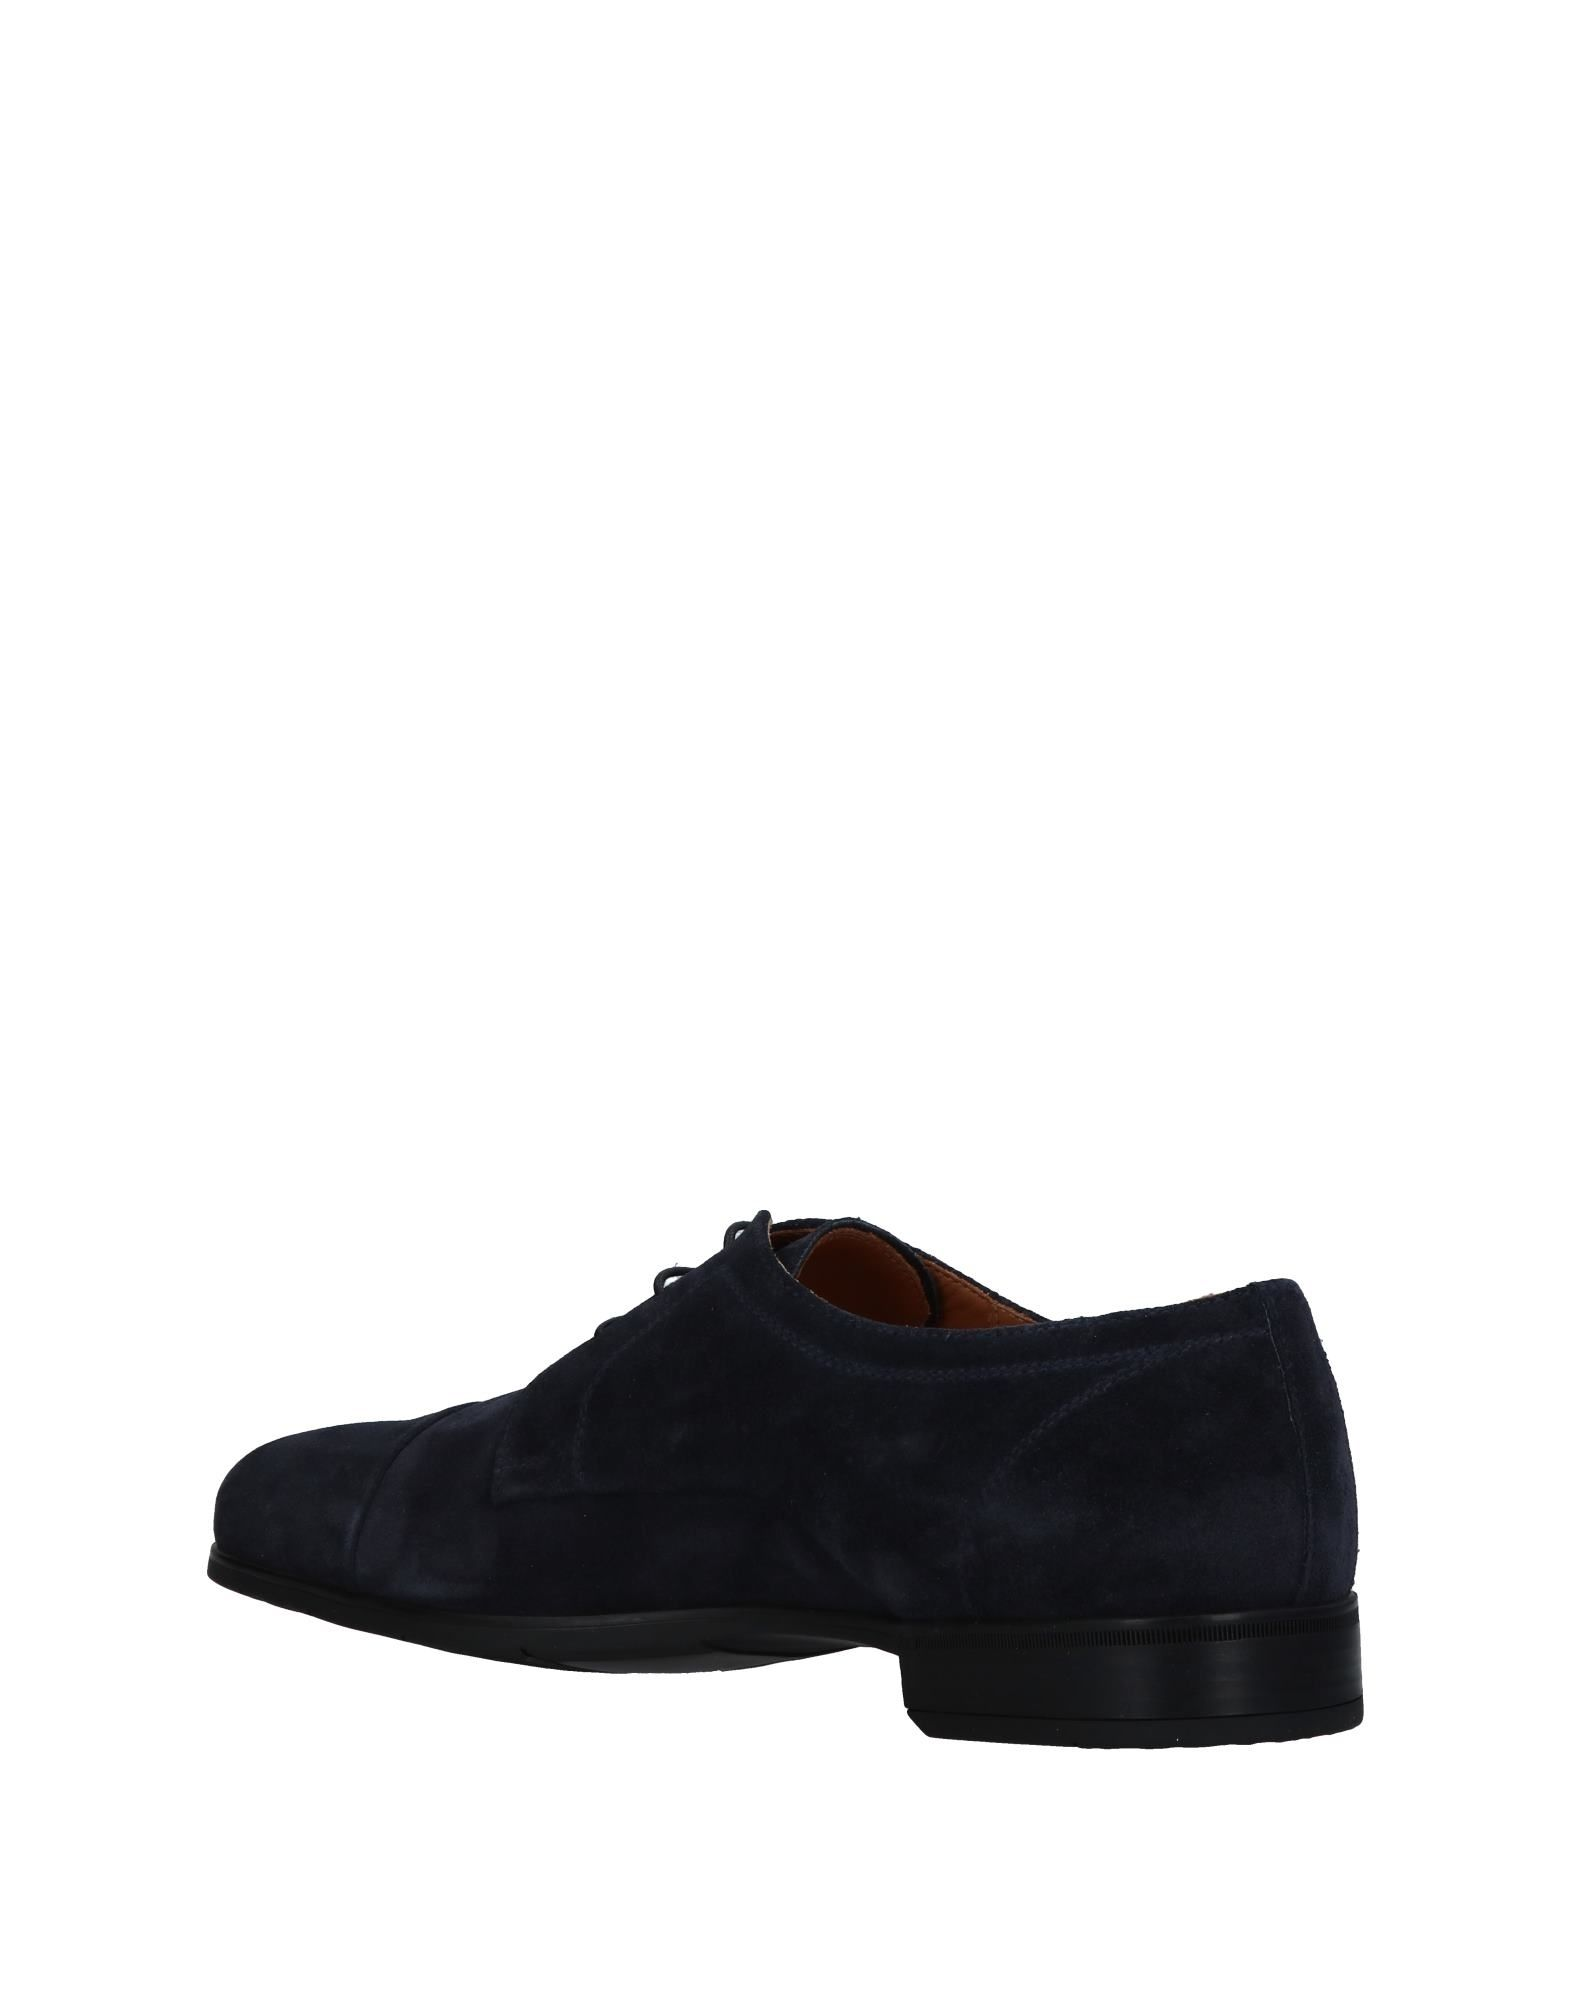 Rabatt echte Schuhe Schuhe echte Doucal's Schnürschuhe Herren  11391198MP 312ee1